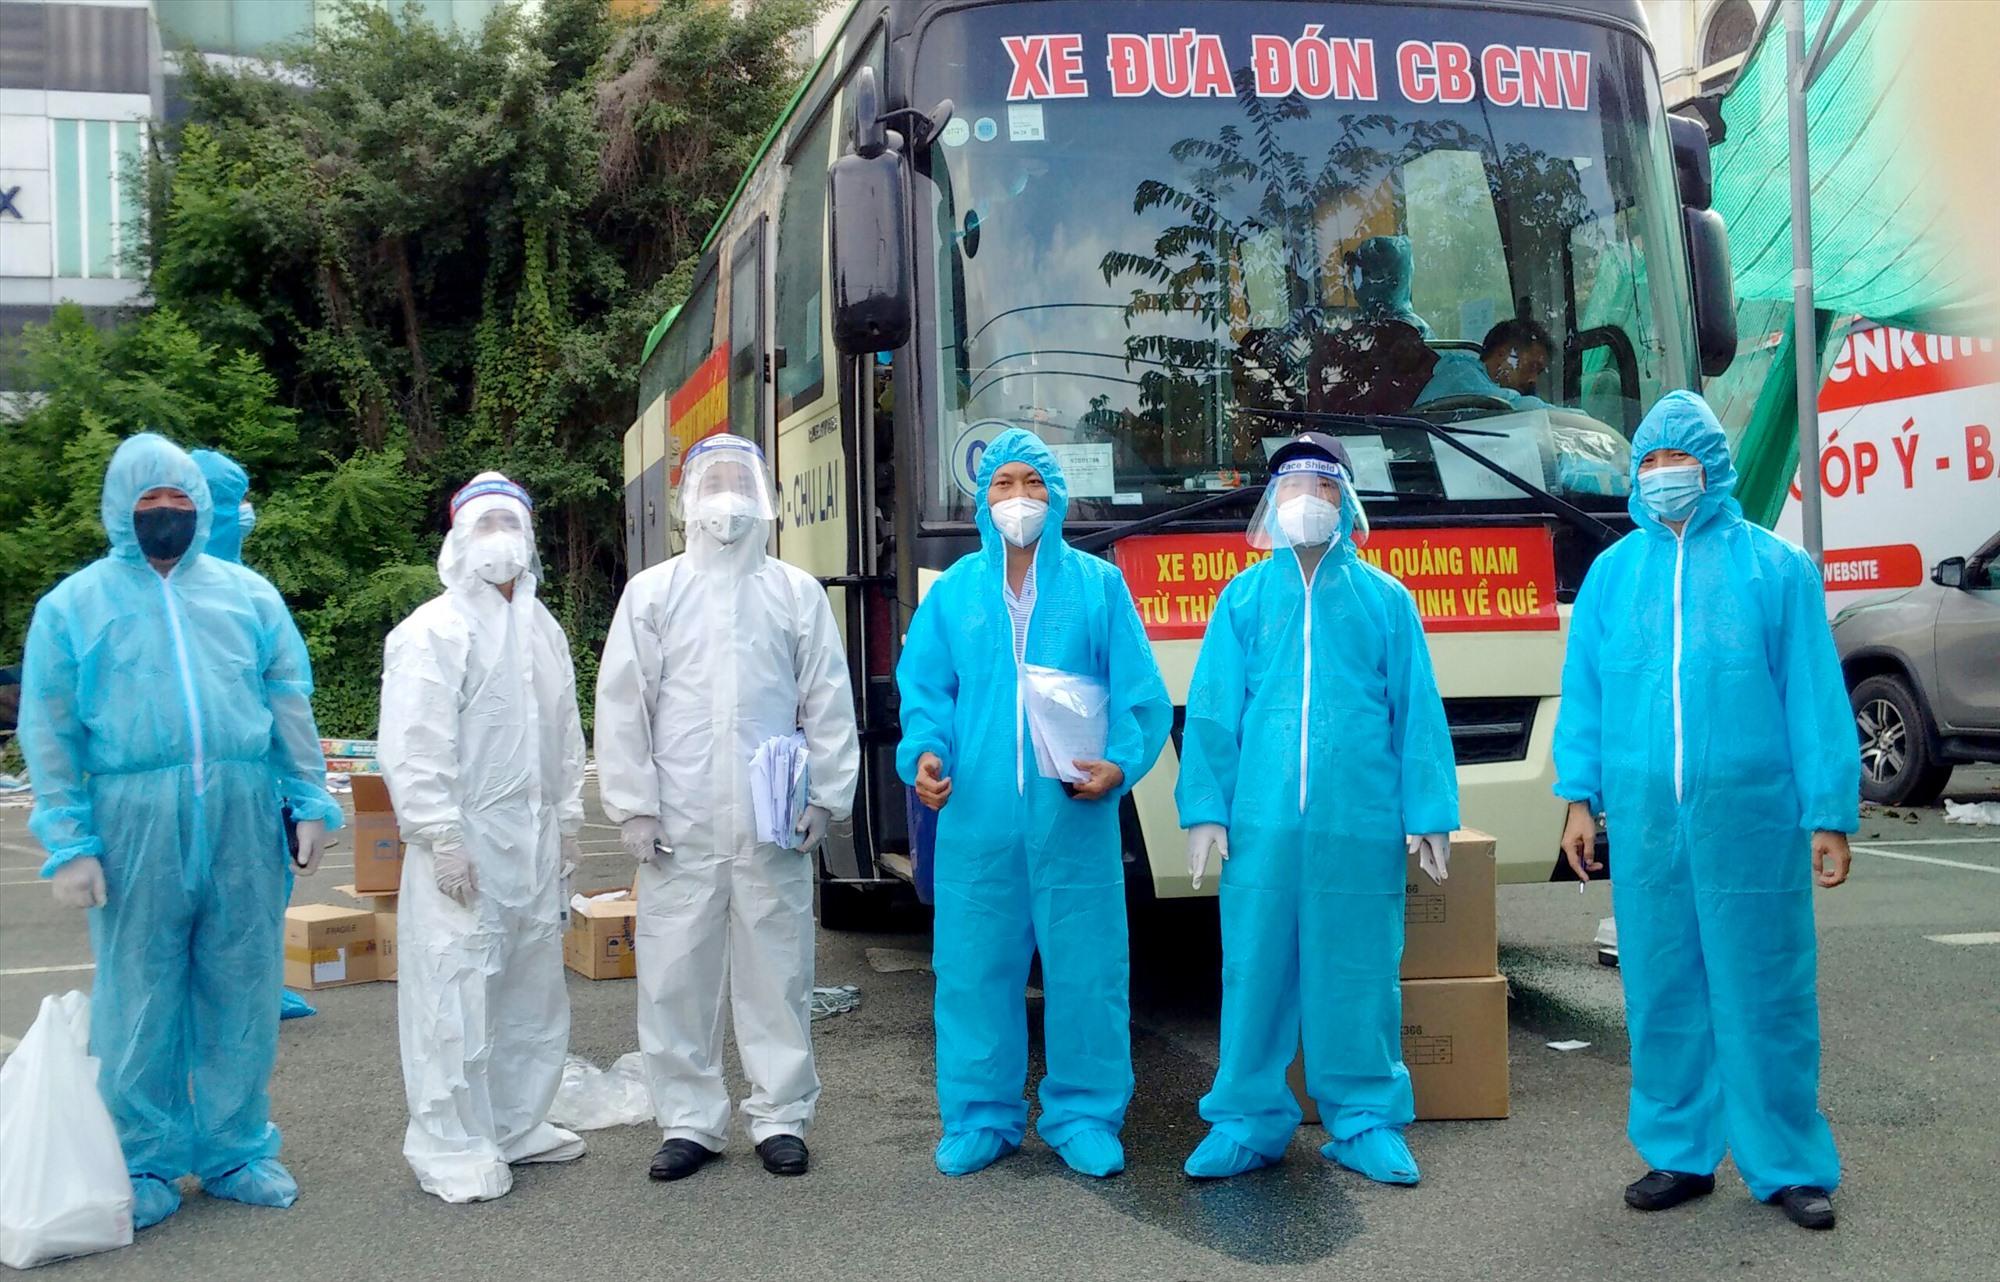 Đoàn công tác huyện Núi Thành hoàn thành nhiệm vụ đón 44 công dân về quê cách ly an toàn.